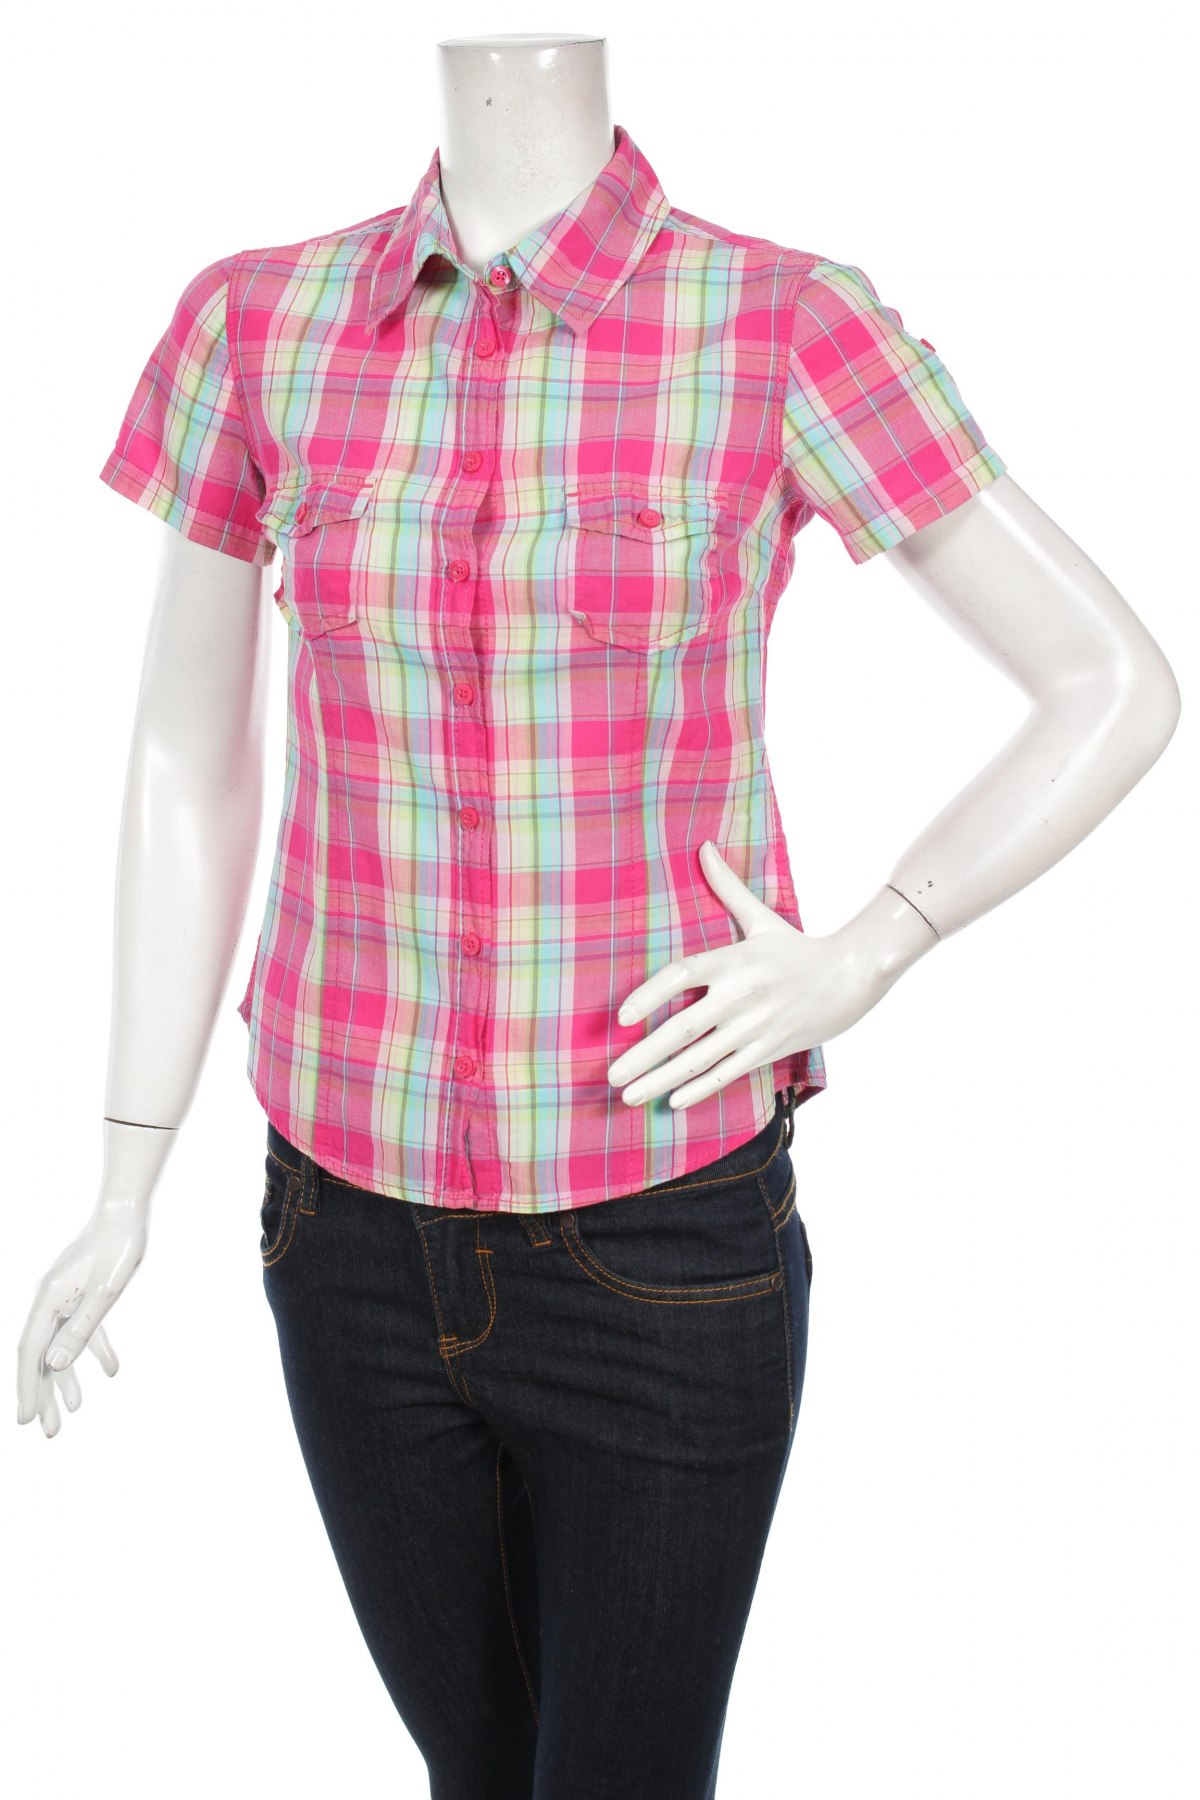 Γυναικείο πουκάμισο H&M L.o.g.g, Μέγεθος S, Χρώμα Πολύχρωμο, Βαμβάκι, Τιμή 9,90€